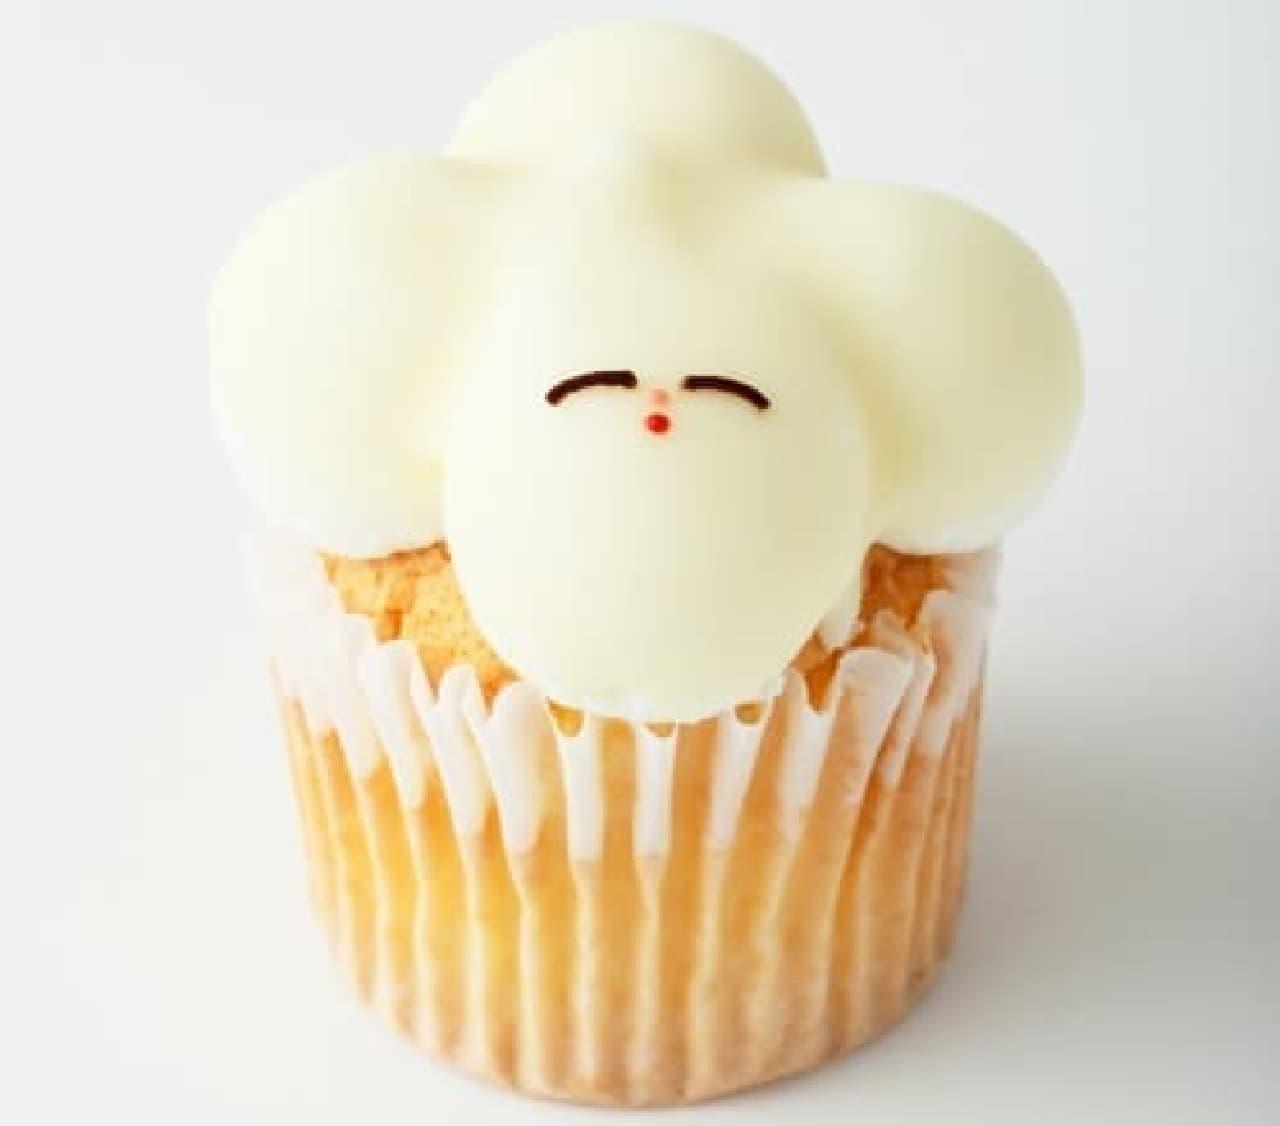 Fairycake Fairグランスタ店限定「ふくらむちゃん」のフレッシュカップケーキ